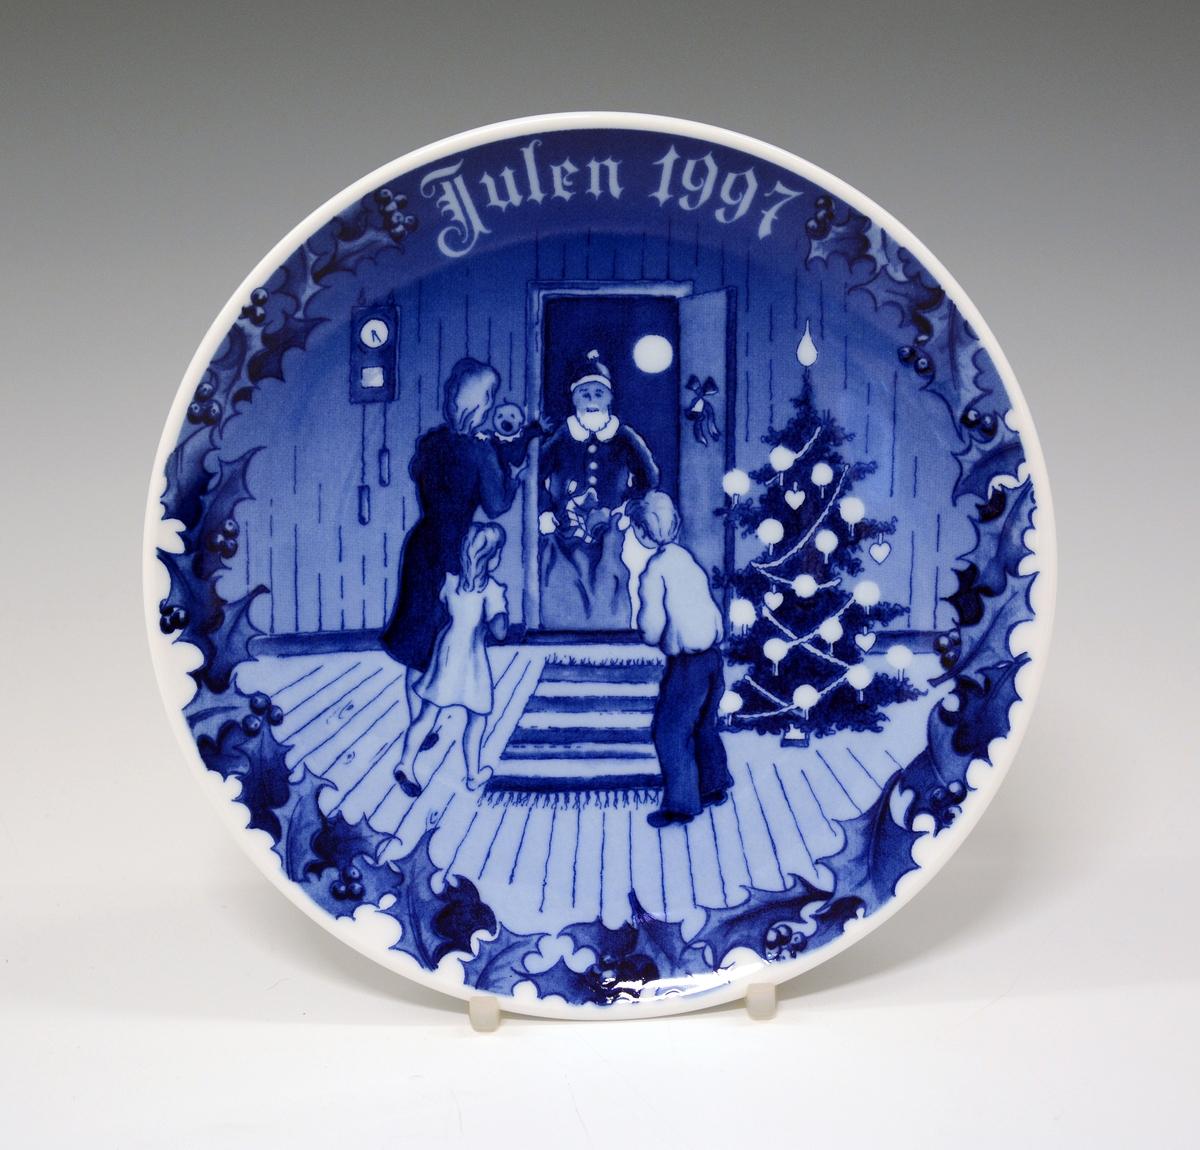 Juleplatte av porselen. Glatt modell. Hvit glasur. Dekorert med stueinteriør, mennesker og tekst Julen 1995 i ulike blåfarger. Dekor av Thor Henning Kristiansen.